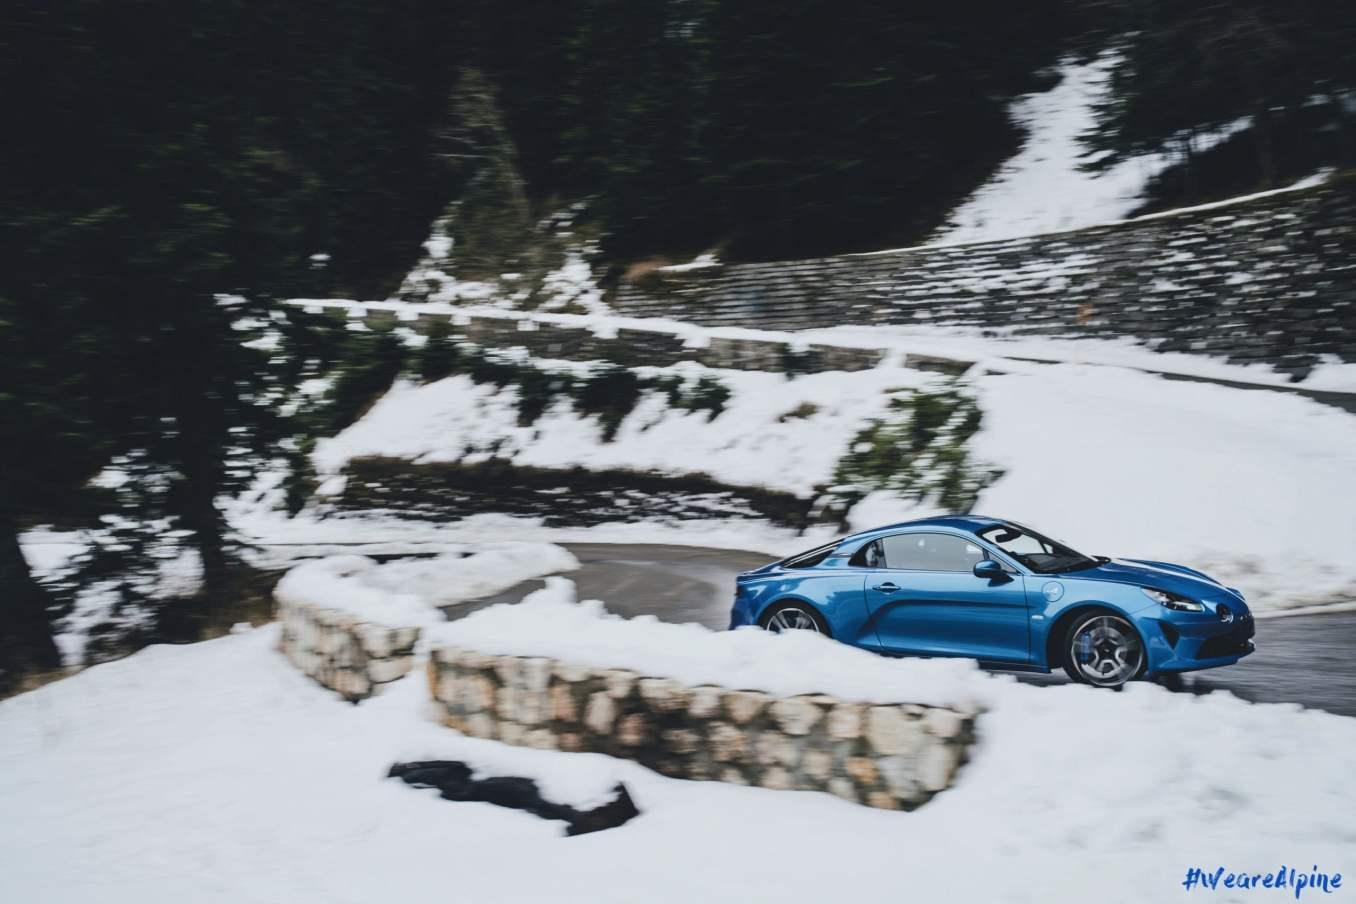 Genève 2017 Alpine A110 Premiere edition officielle 19 imp scaled | Salon de Genève 2017, toutes les informations officielles de l'Alpine A110 !